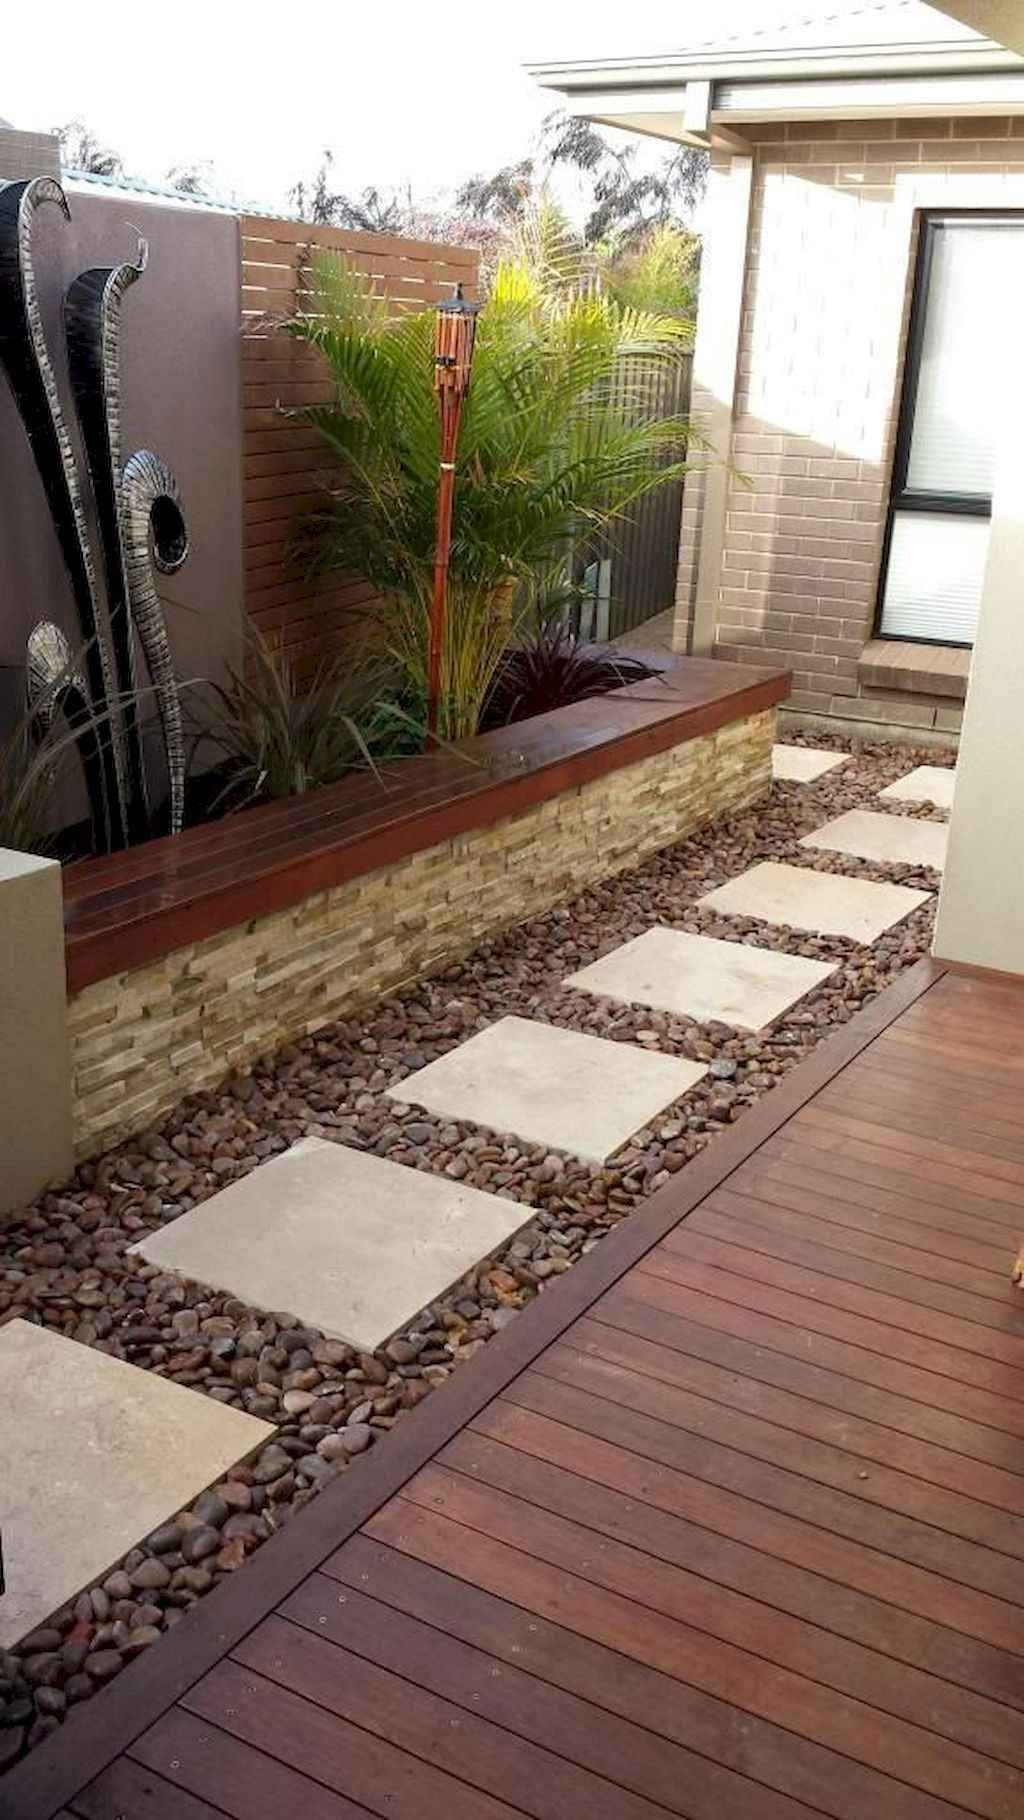 7+ Backyard Design Ideas Australia in 2021 | Small ...